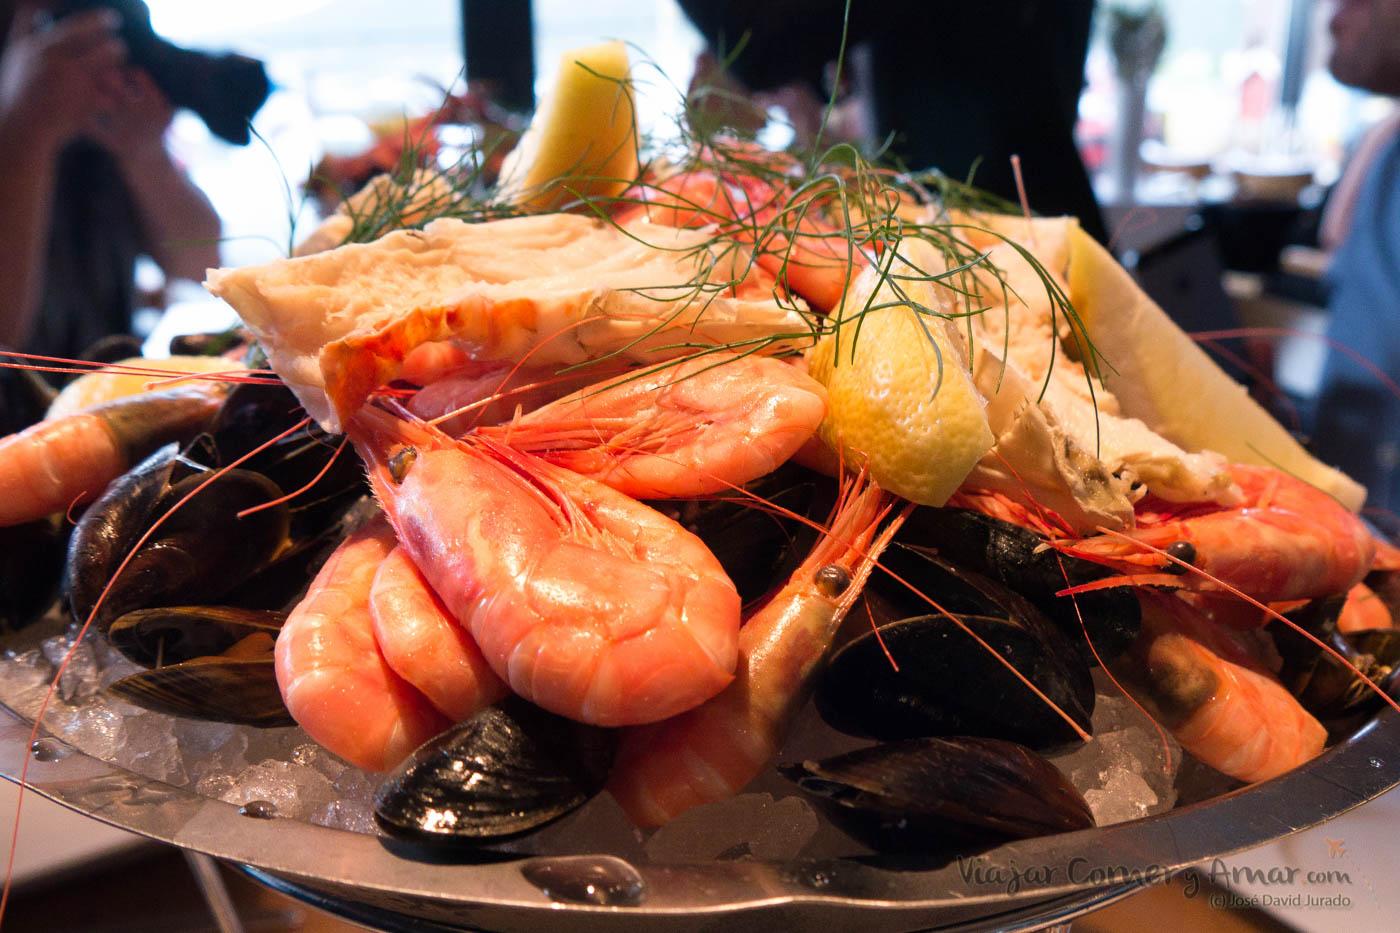 Que-comer-en-Noruega-P1300268-Viajar-Comer-Y-Amar